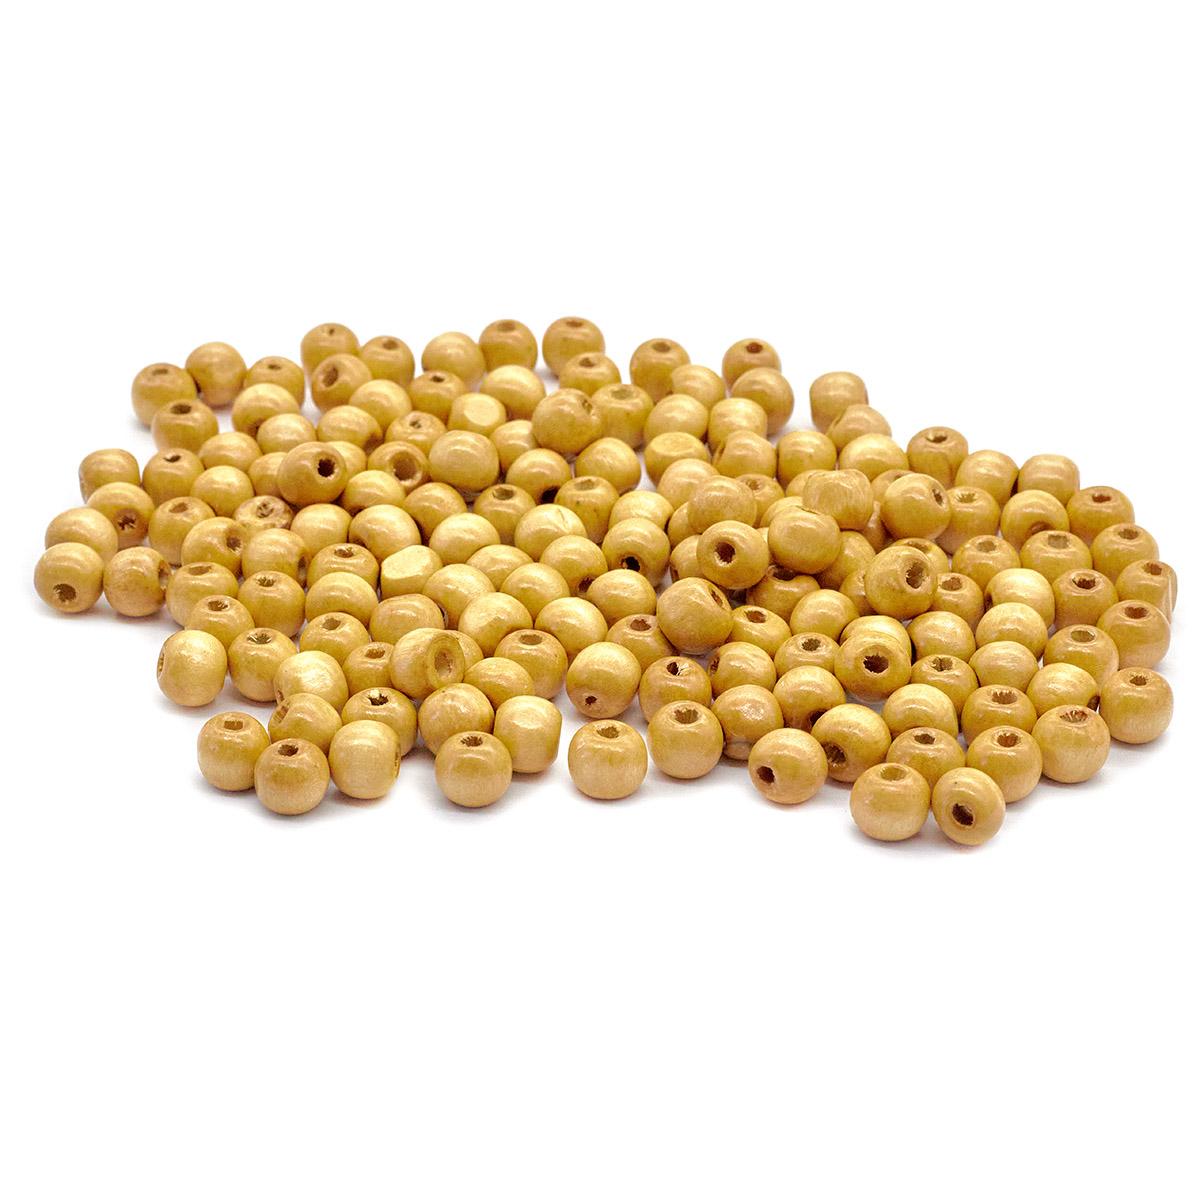 Деревянные бусины круглые, 10 мм, упак./50 гр., 'Астра'